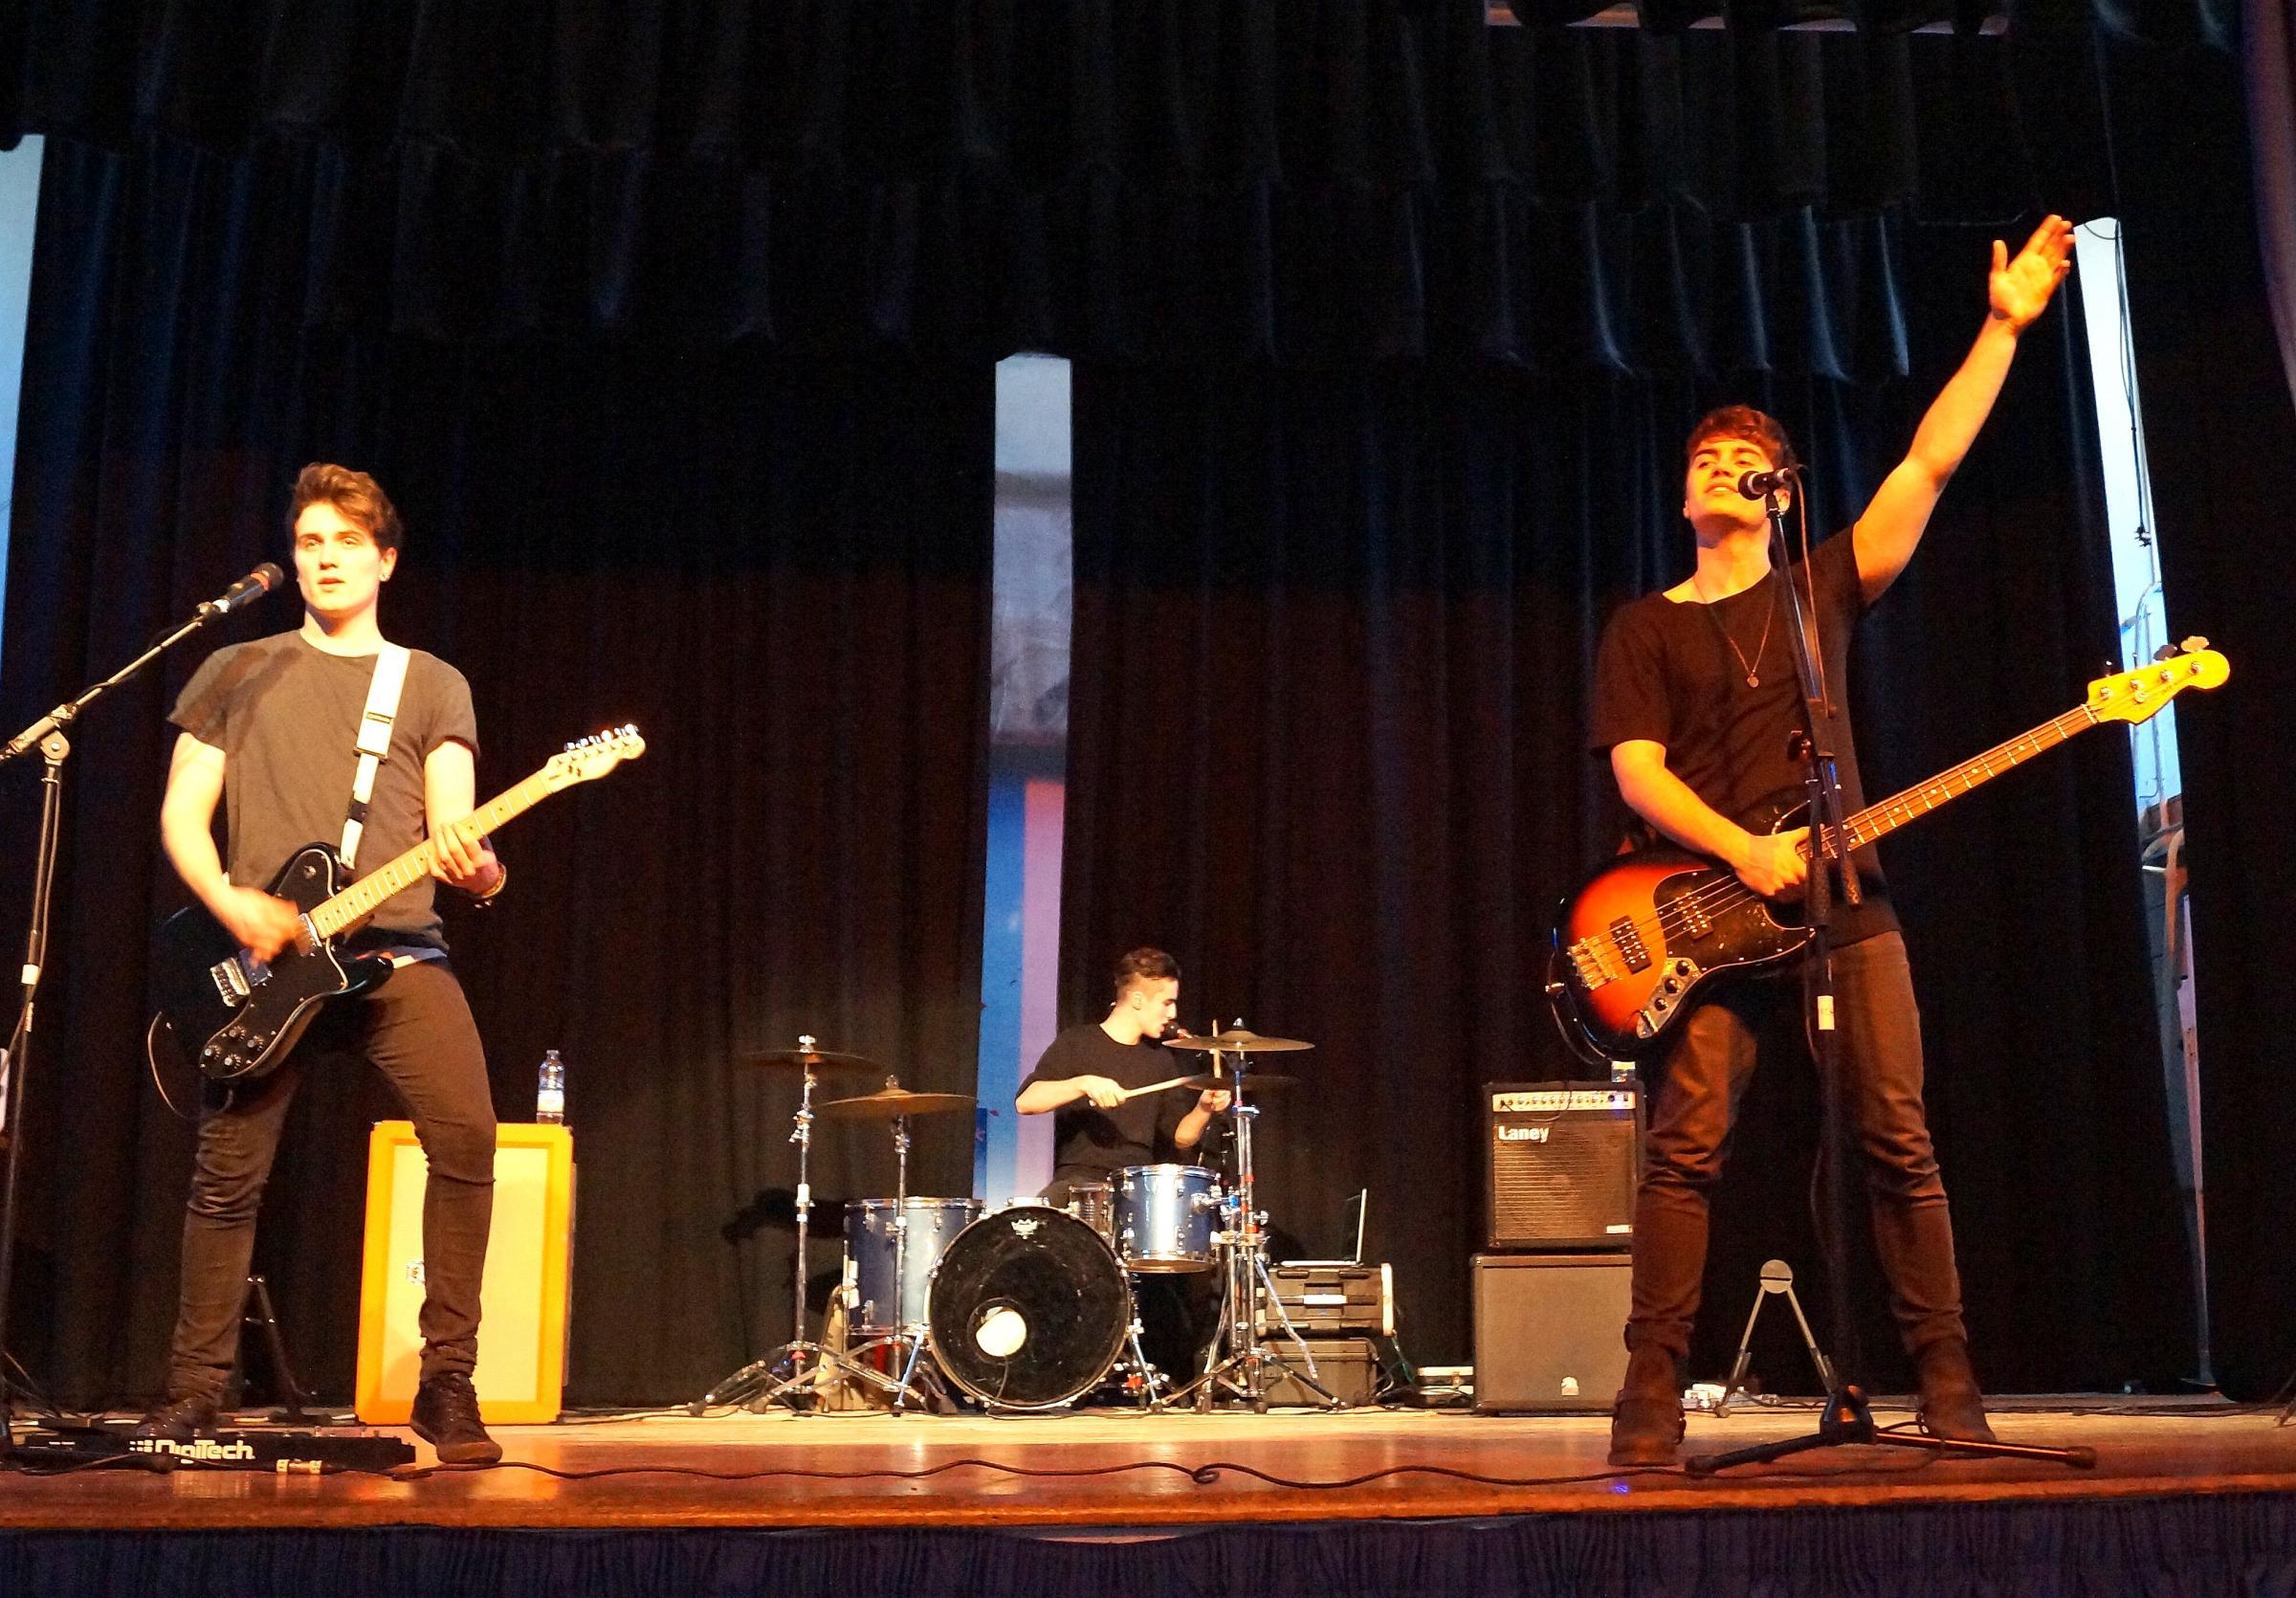 Boy band raises roof of St Albans school